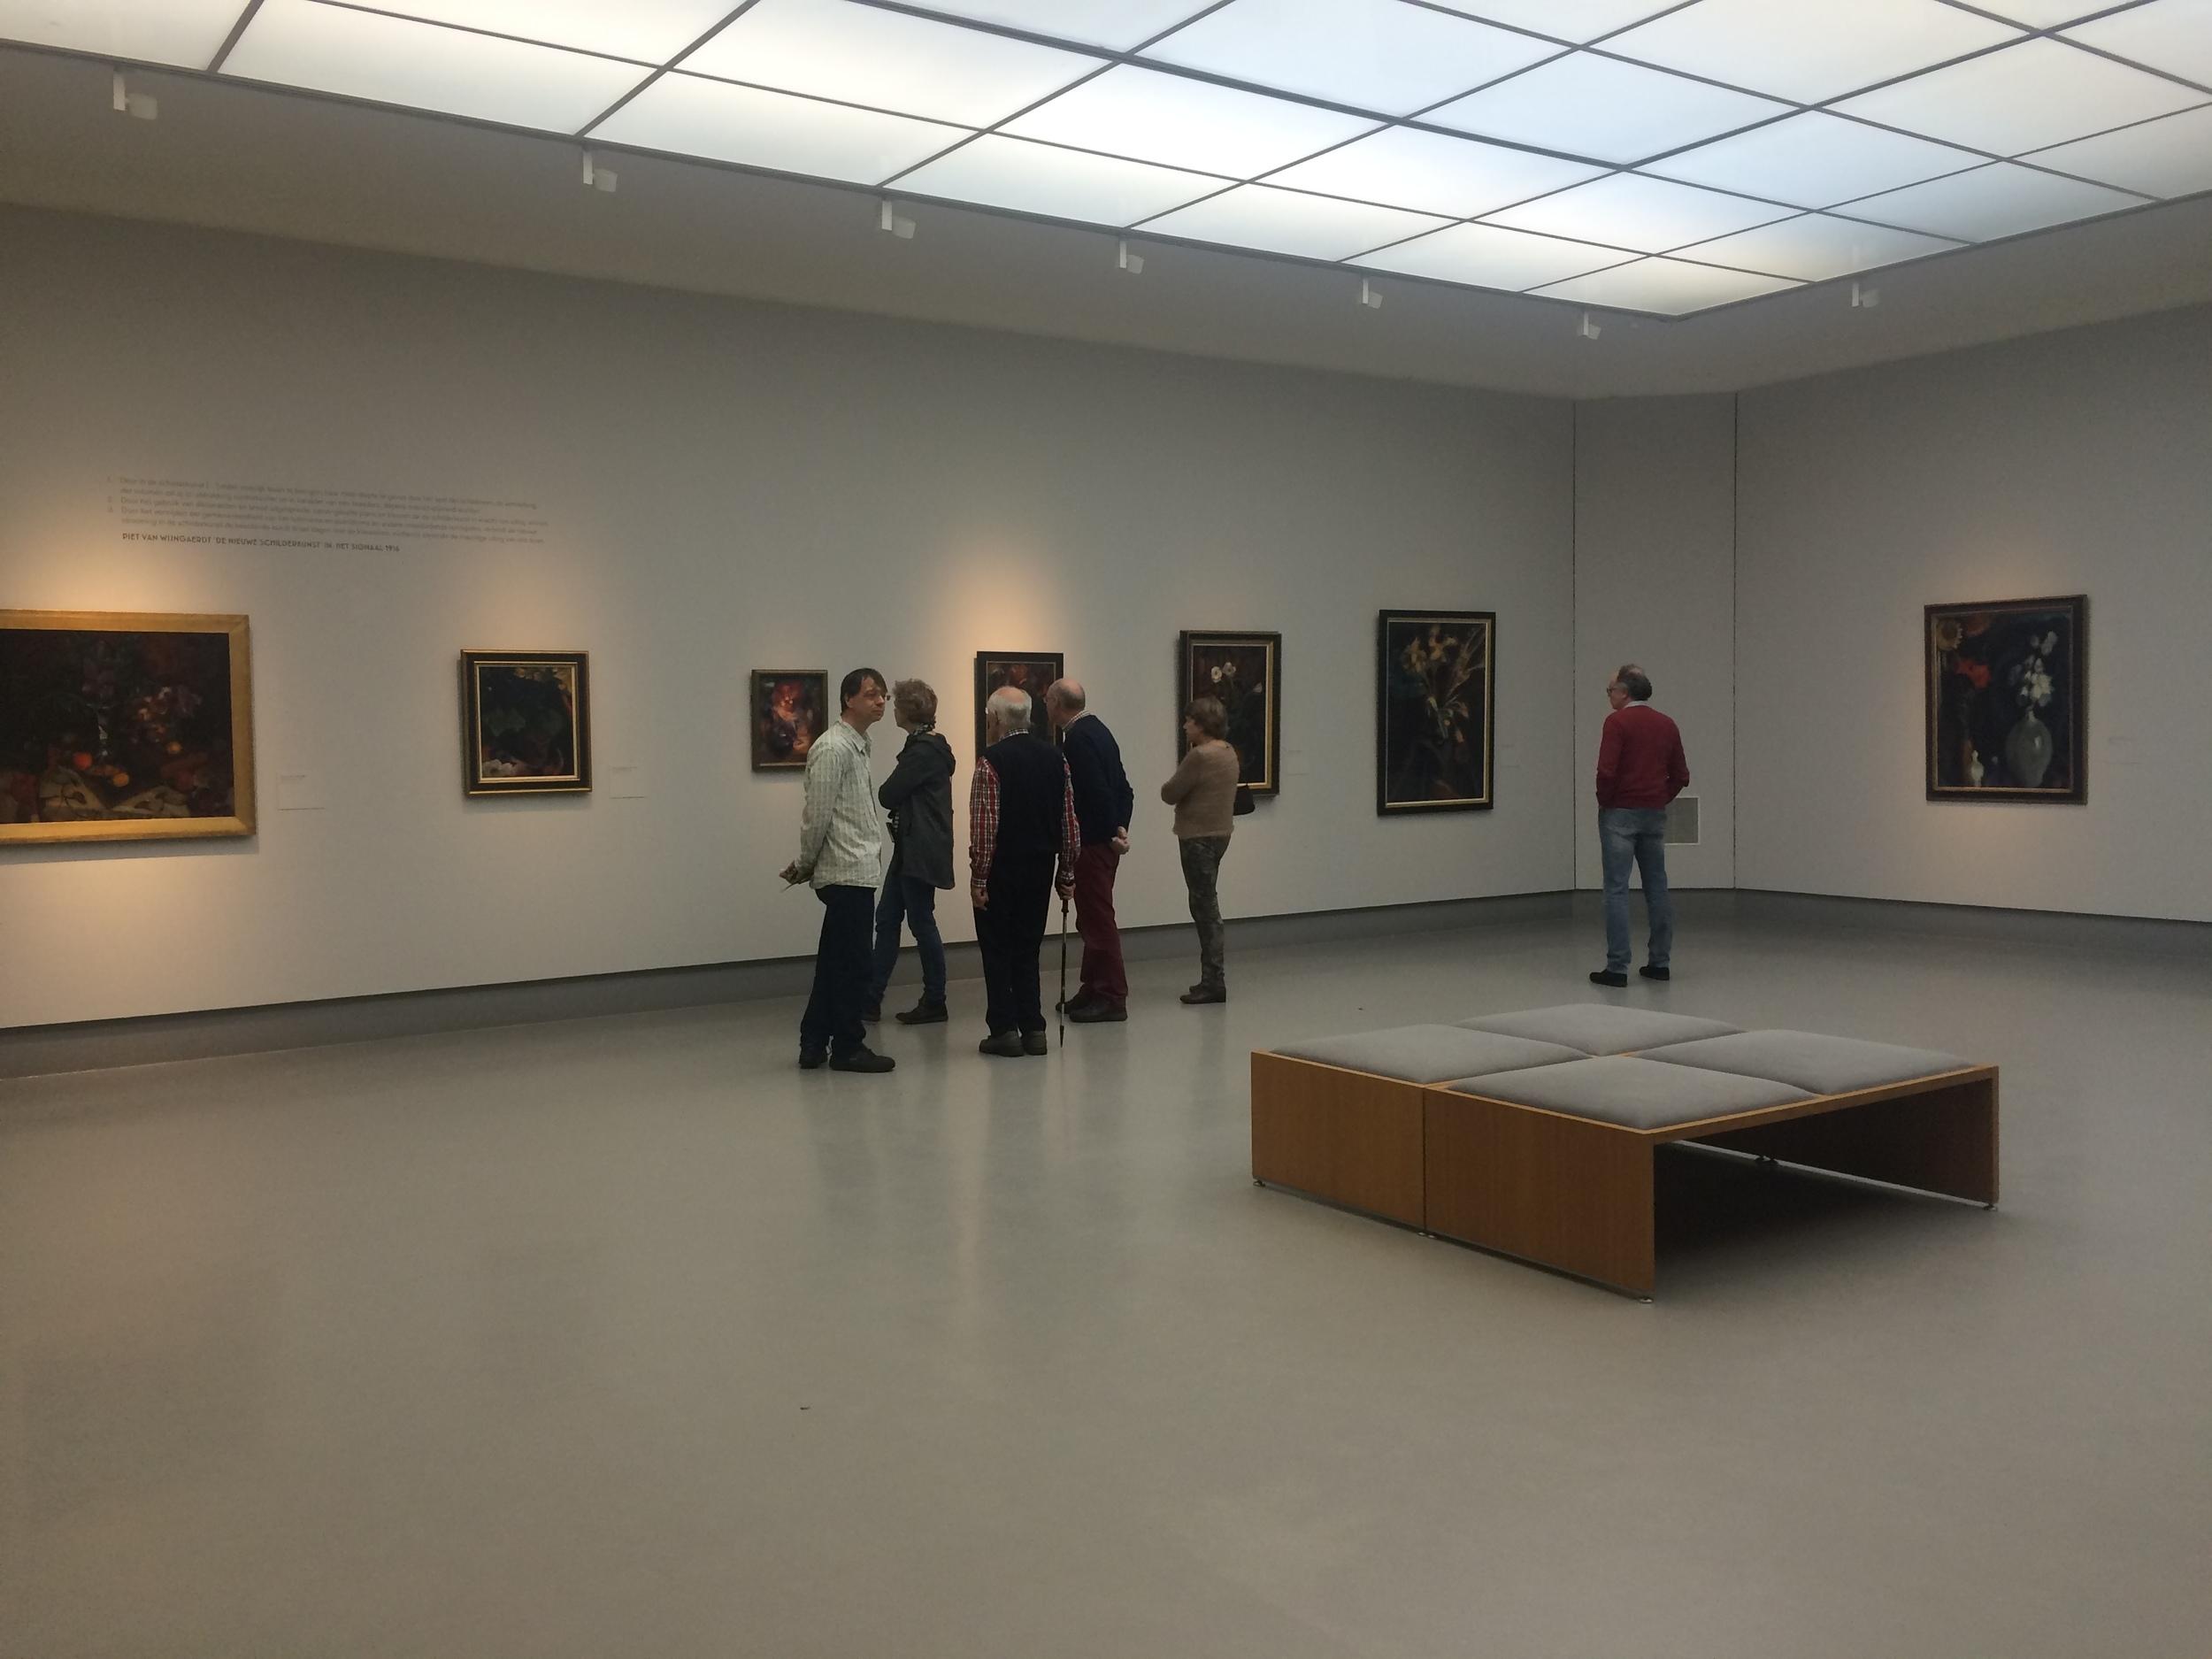 Bezoekers in de tentoonstelling